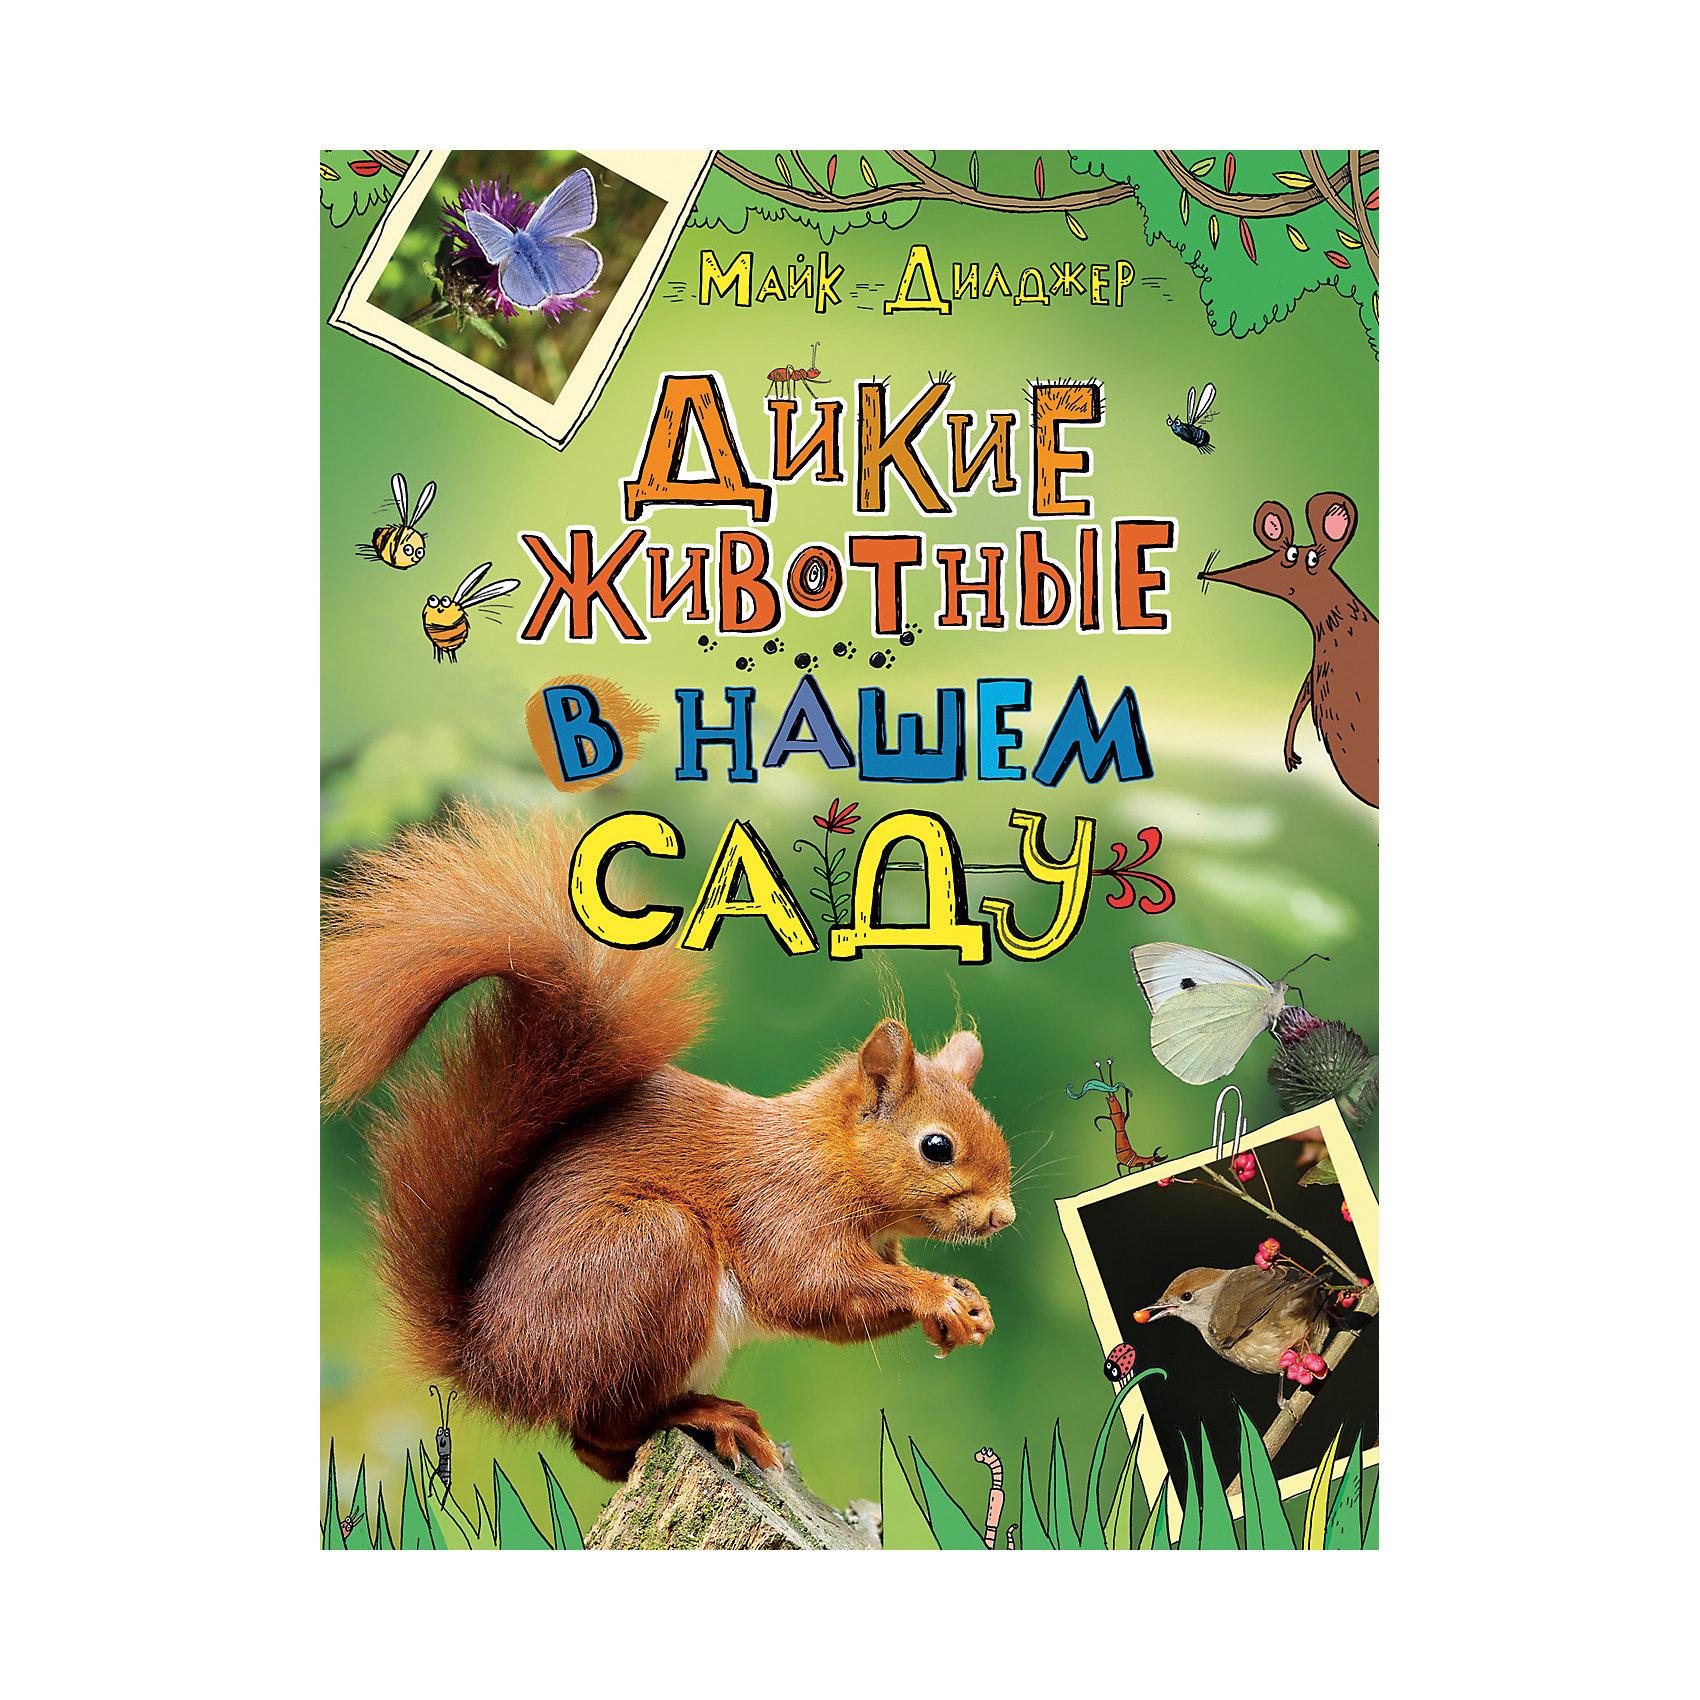 Дикие животные в нашем садуРассказы и повести<br>Сад, огород или парк, где вы часто бываете, - убежище для разной живности, о существовании которой вы даже не подозреваете! Там находят приют и пропитание жуки, бабочки, стрекозы, многоножки, лягушки, сойки, пеночки, ежи, белки и много кто еще! Книга натуралиста и телеведущего научно-популярных программ Би-би-си Майка Дилджера познакомит читателей с животными, которые окружают нас повсюду. Из нее вы узнаете немало интересных фактов о насекомых, птицах и зверях, обитающих не только в лесу, но и на загородном участке, и научитесь их распознавать.<br><br>Ширина мм: 220<br>Глубина мм: 130<br>Высота мм: 285<br>Вес г: 765<br>Возраст от месяцев: 60<br>Возраст до месяцев: 2147483647<br>Пол: Унисекс<br>Возраст: Детский<br>SKU: 6758925